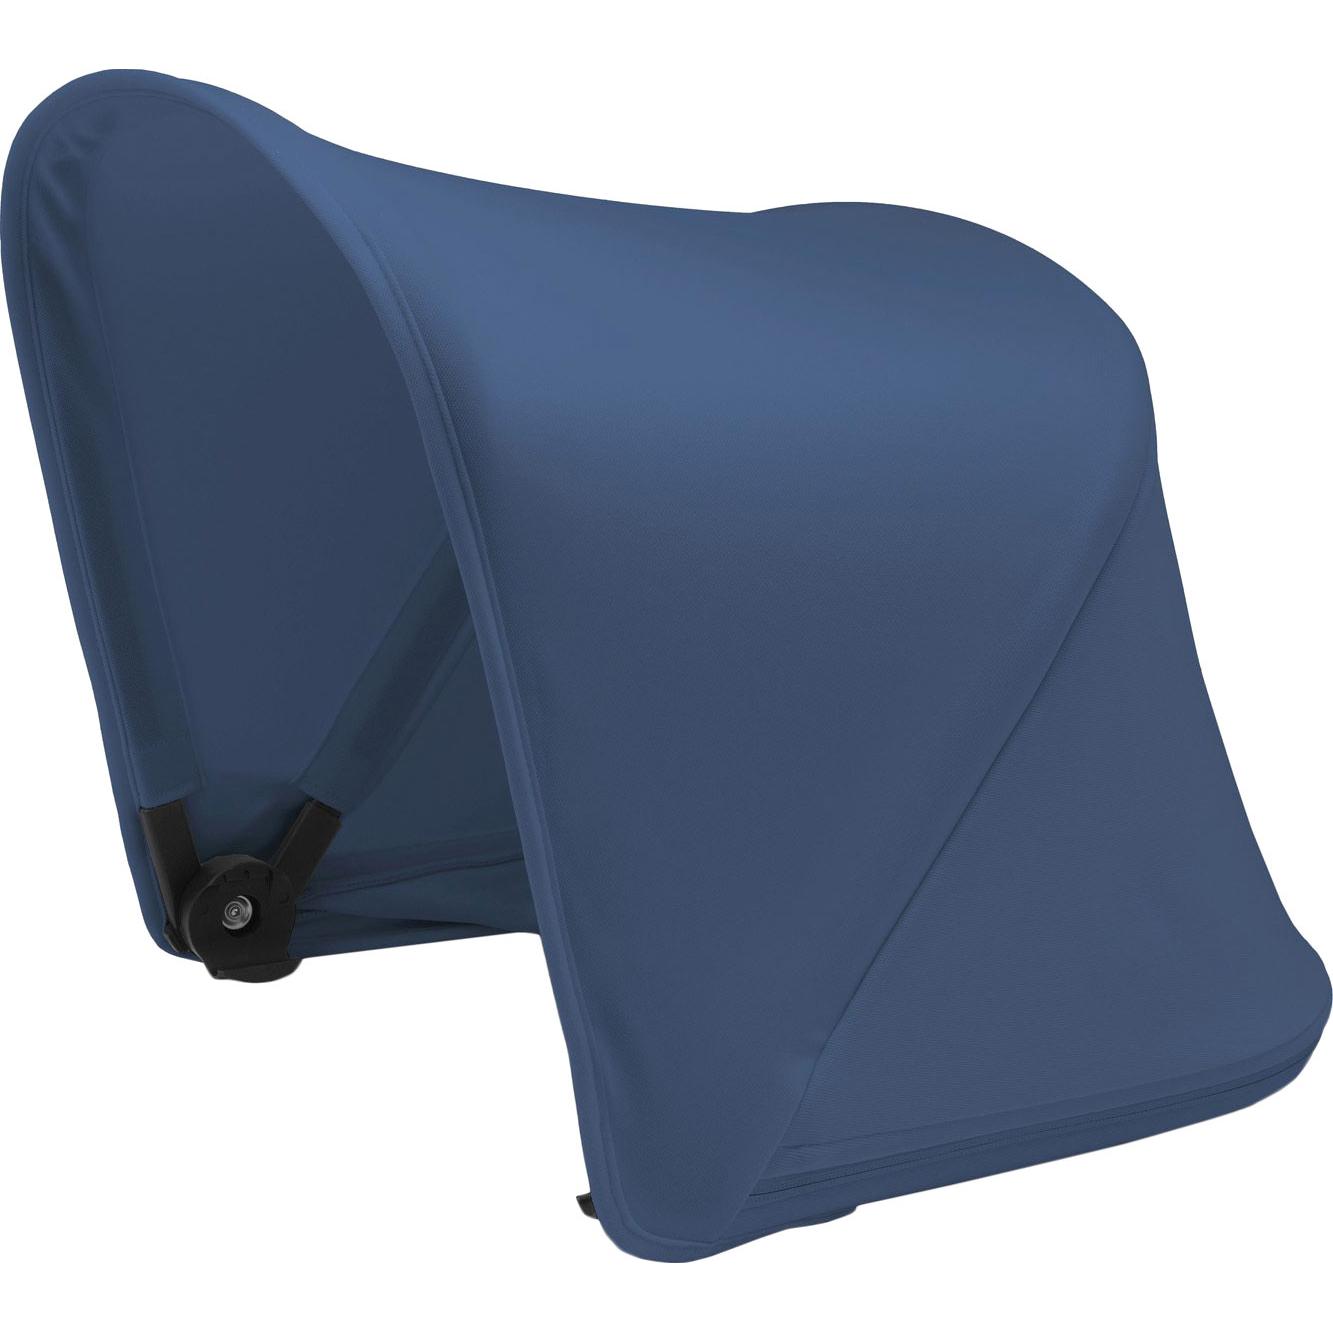 Купить Капюшон для коляски Bugaboo Fox Sky Blue, Китай, всесезонная, Детские коляски, автокресла и аксессуары